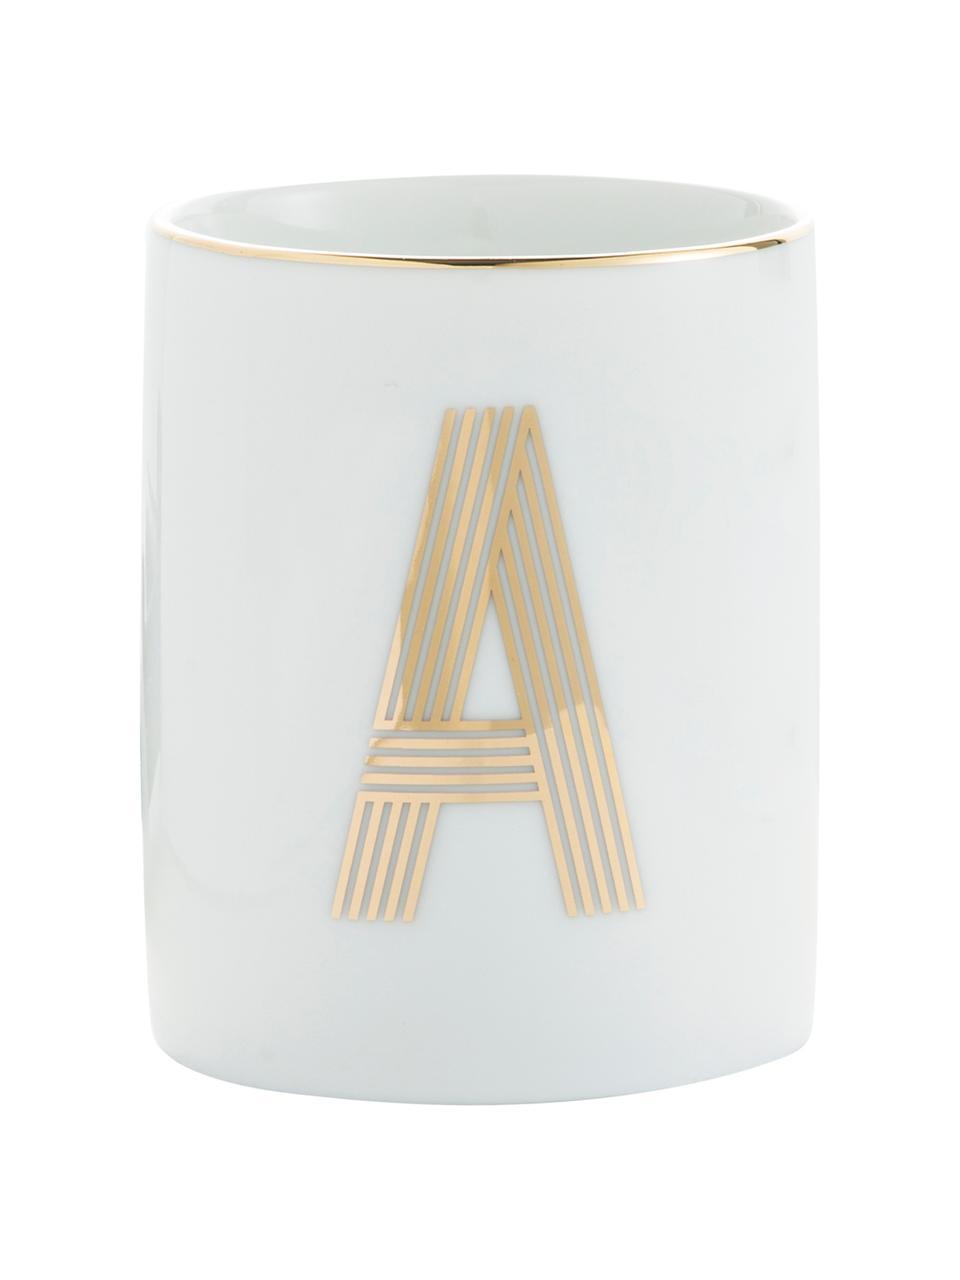 Tazza in porcellana Yours (varianti dalla A alla Z), Porcellana, Bianco, dorato, Tazza senza manico A